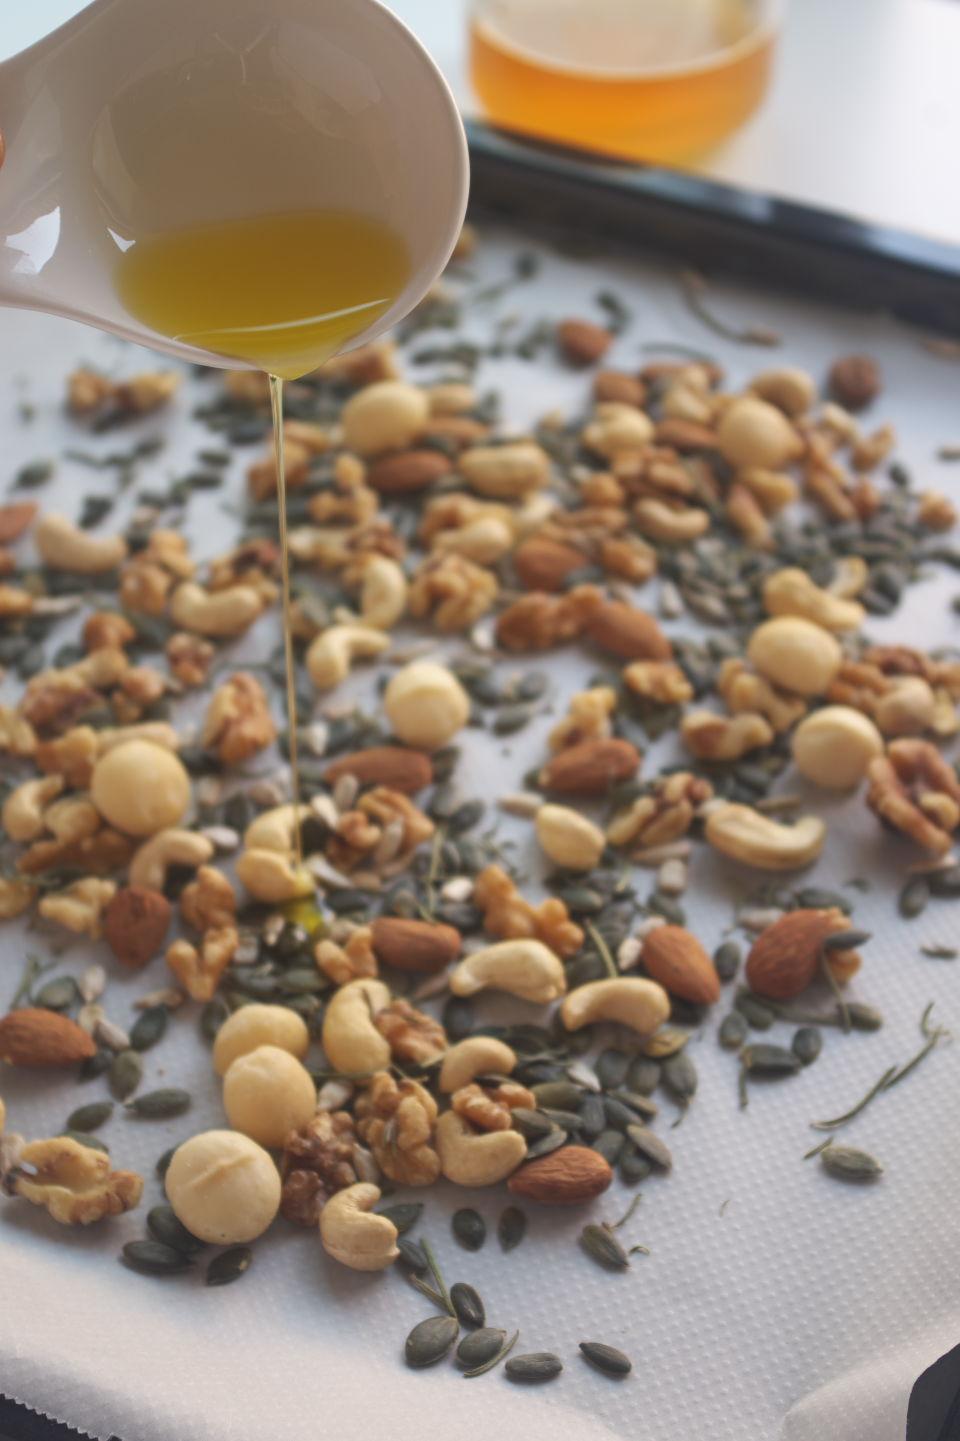 Añadiendo aceite a frutos secos en bandeja de horno